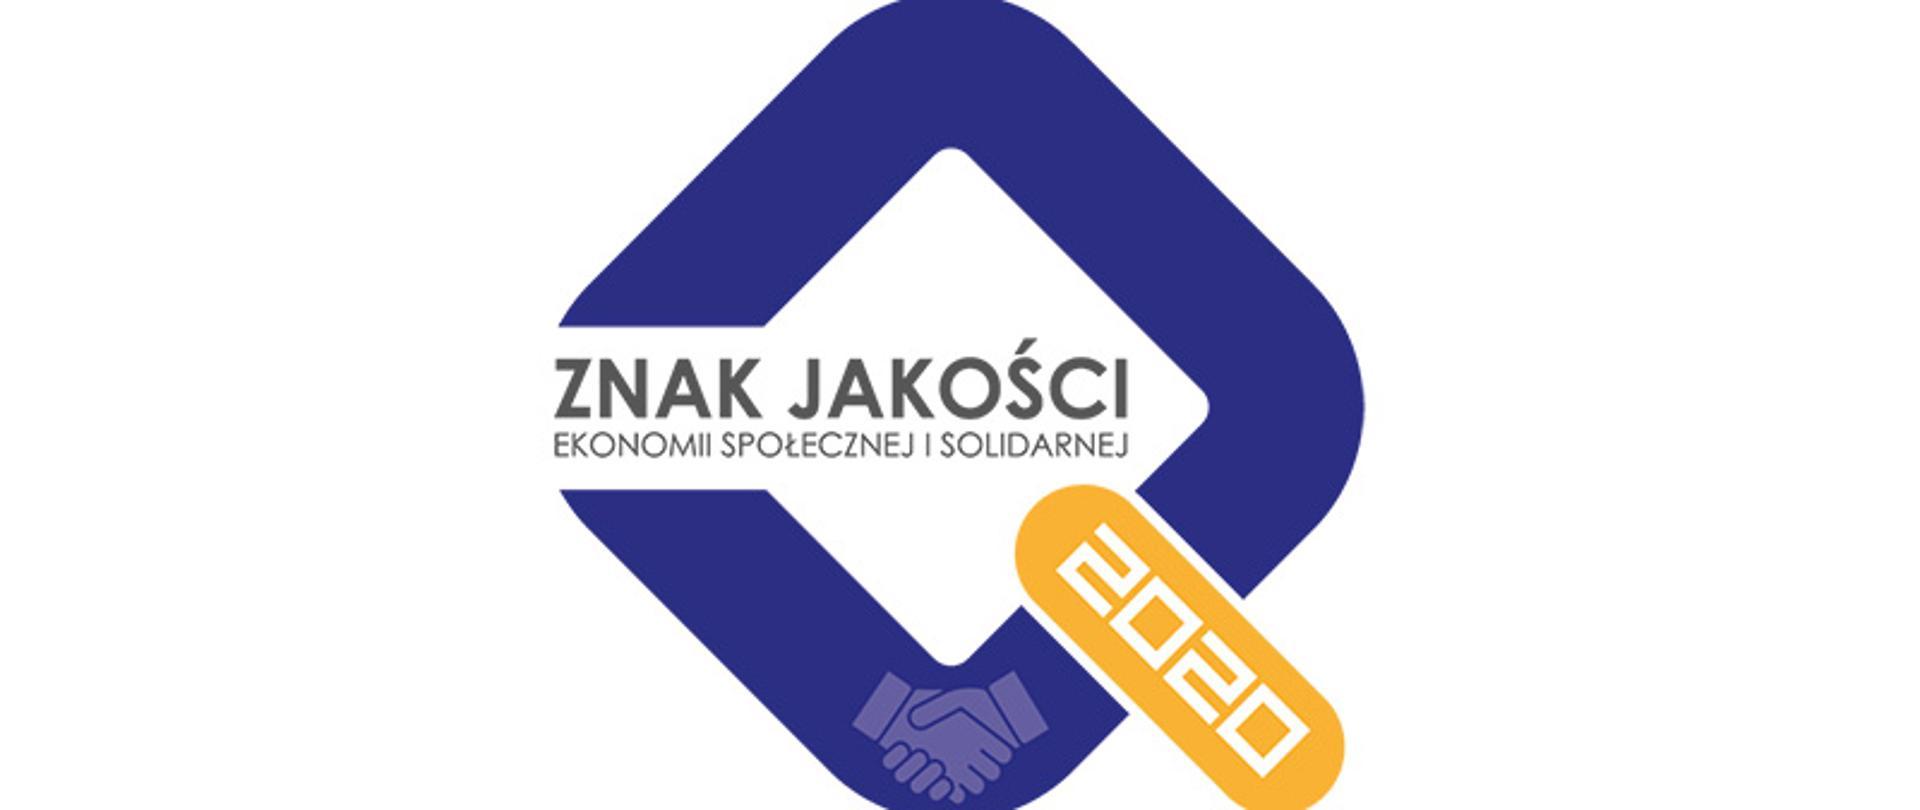 Znak Jakości Ekonomii Społecznej i Solidarnej 2020 – przedłużony termin składania wniosków [INFORMACJA]